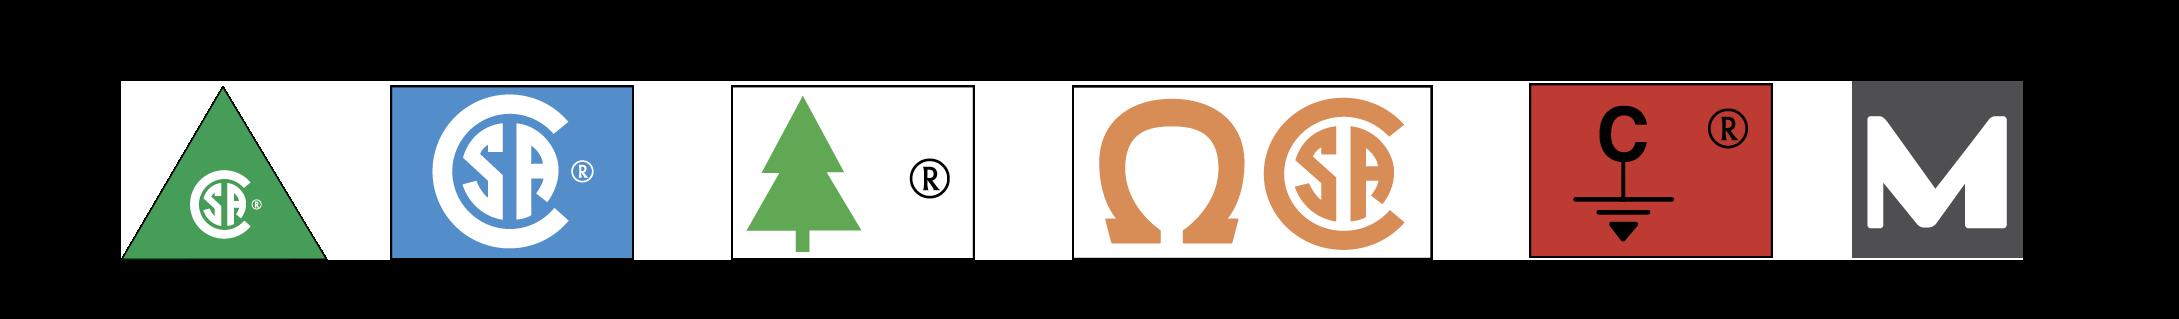 footwear icons